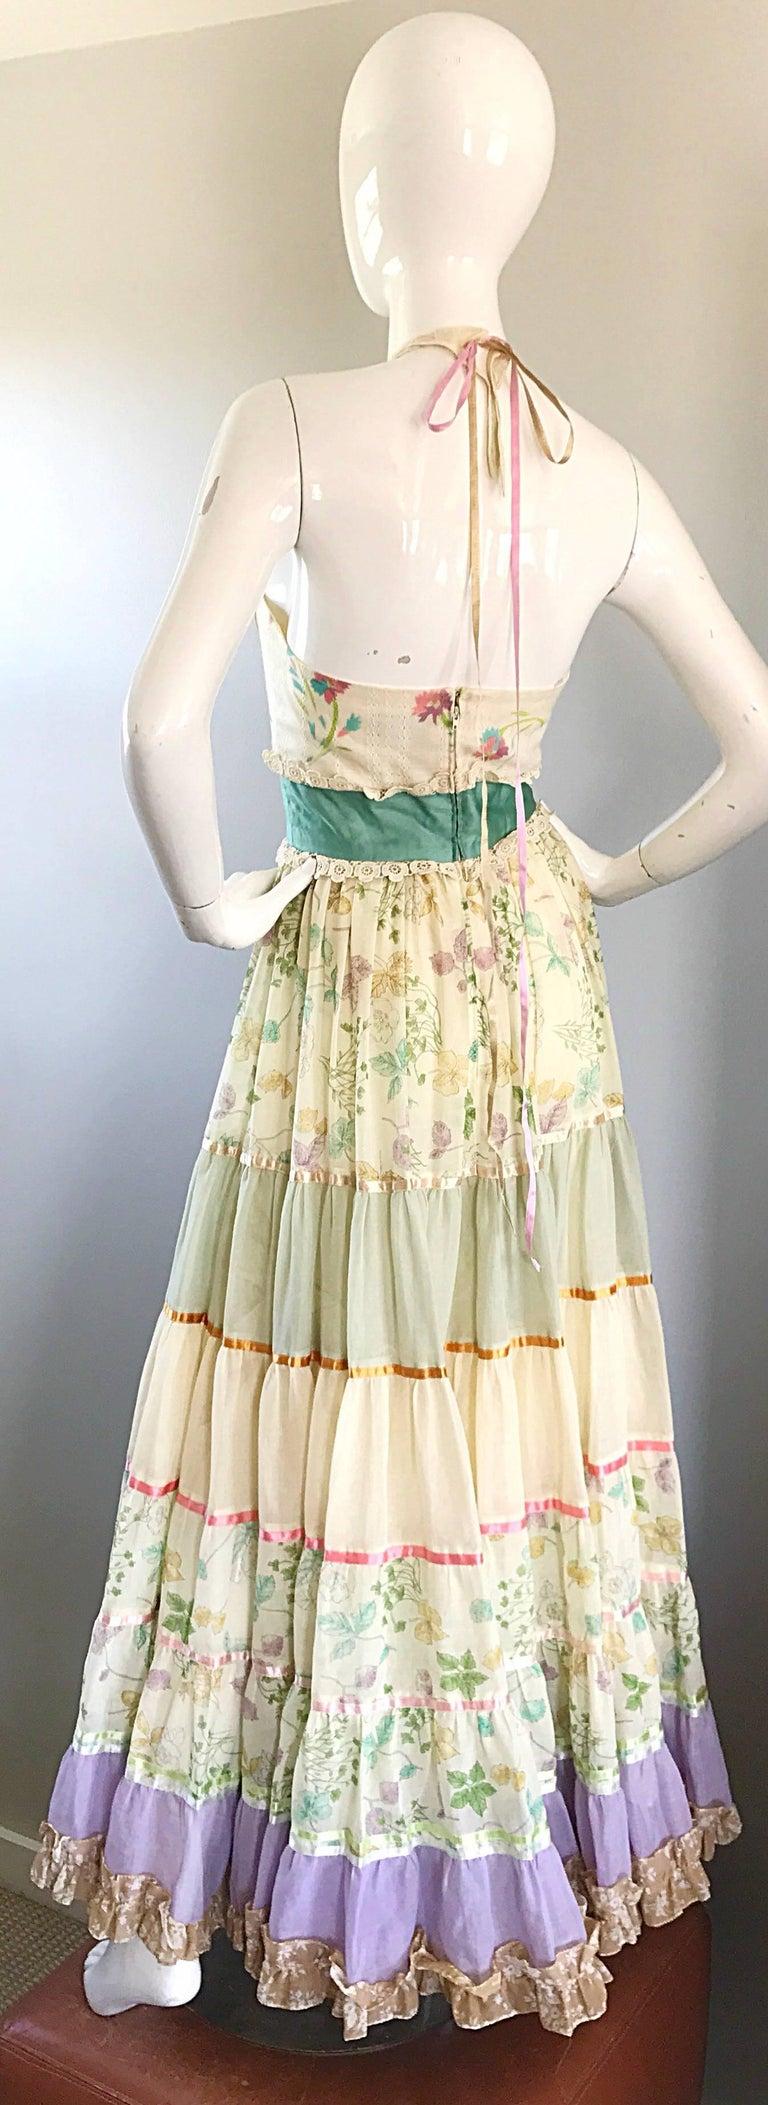 Giorgio di Sant Angelo 1970s Rare Colorful Cotton Voile Vintage 70s Maxi Dress For Sale 1